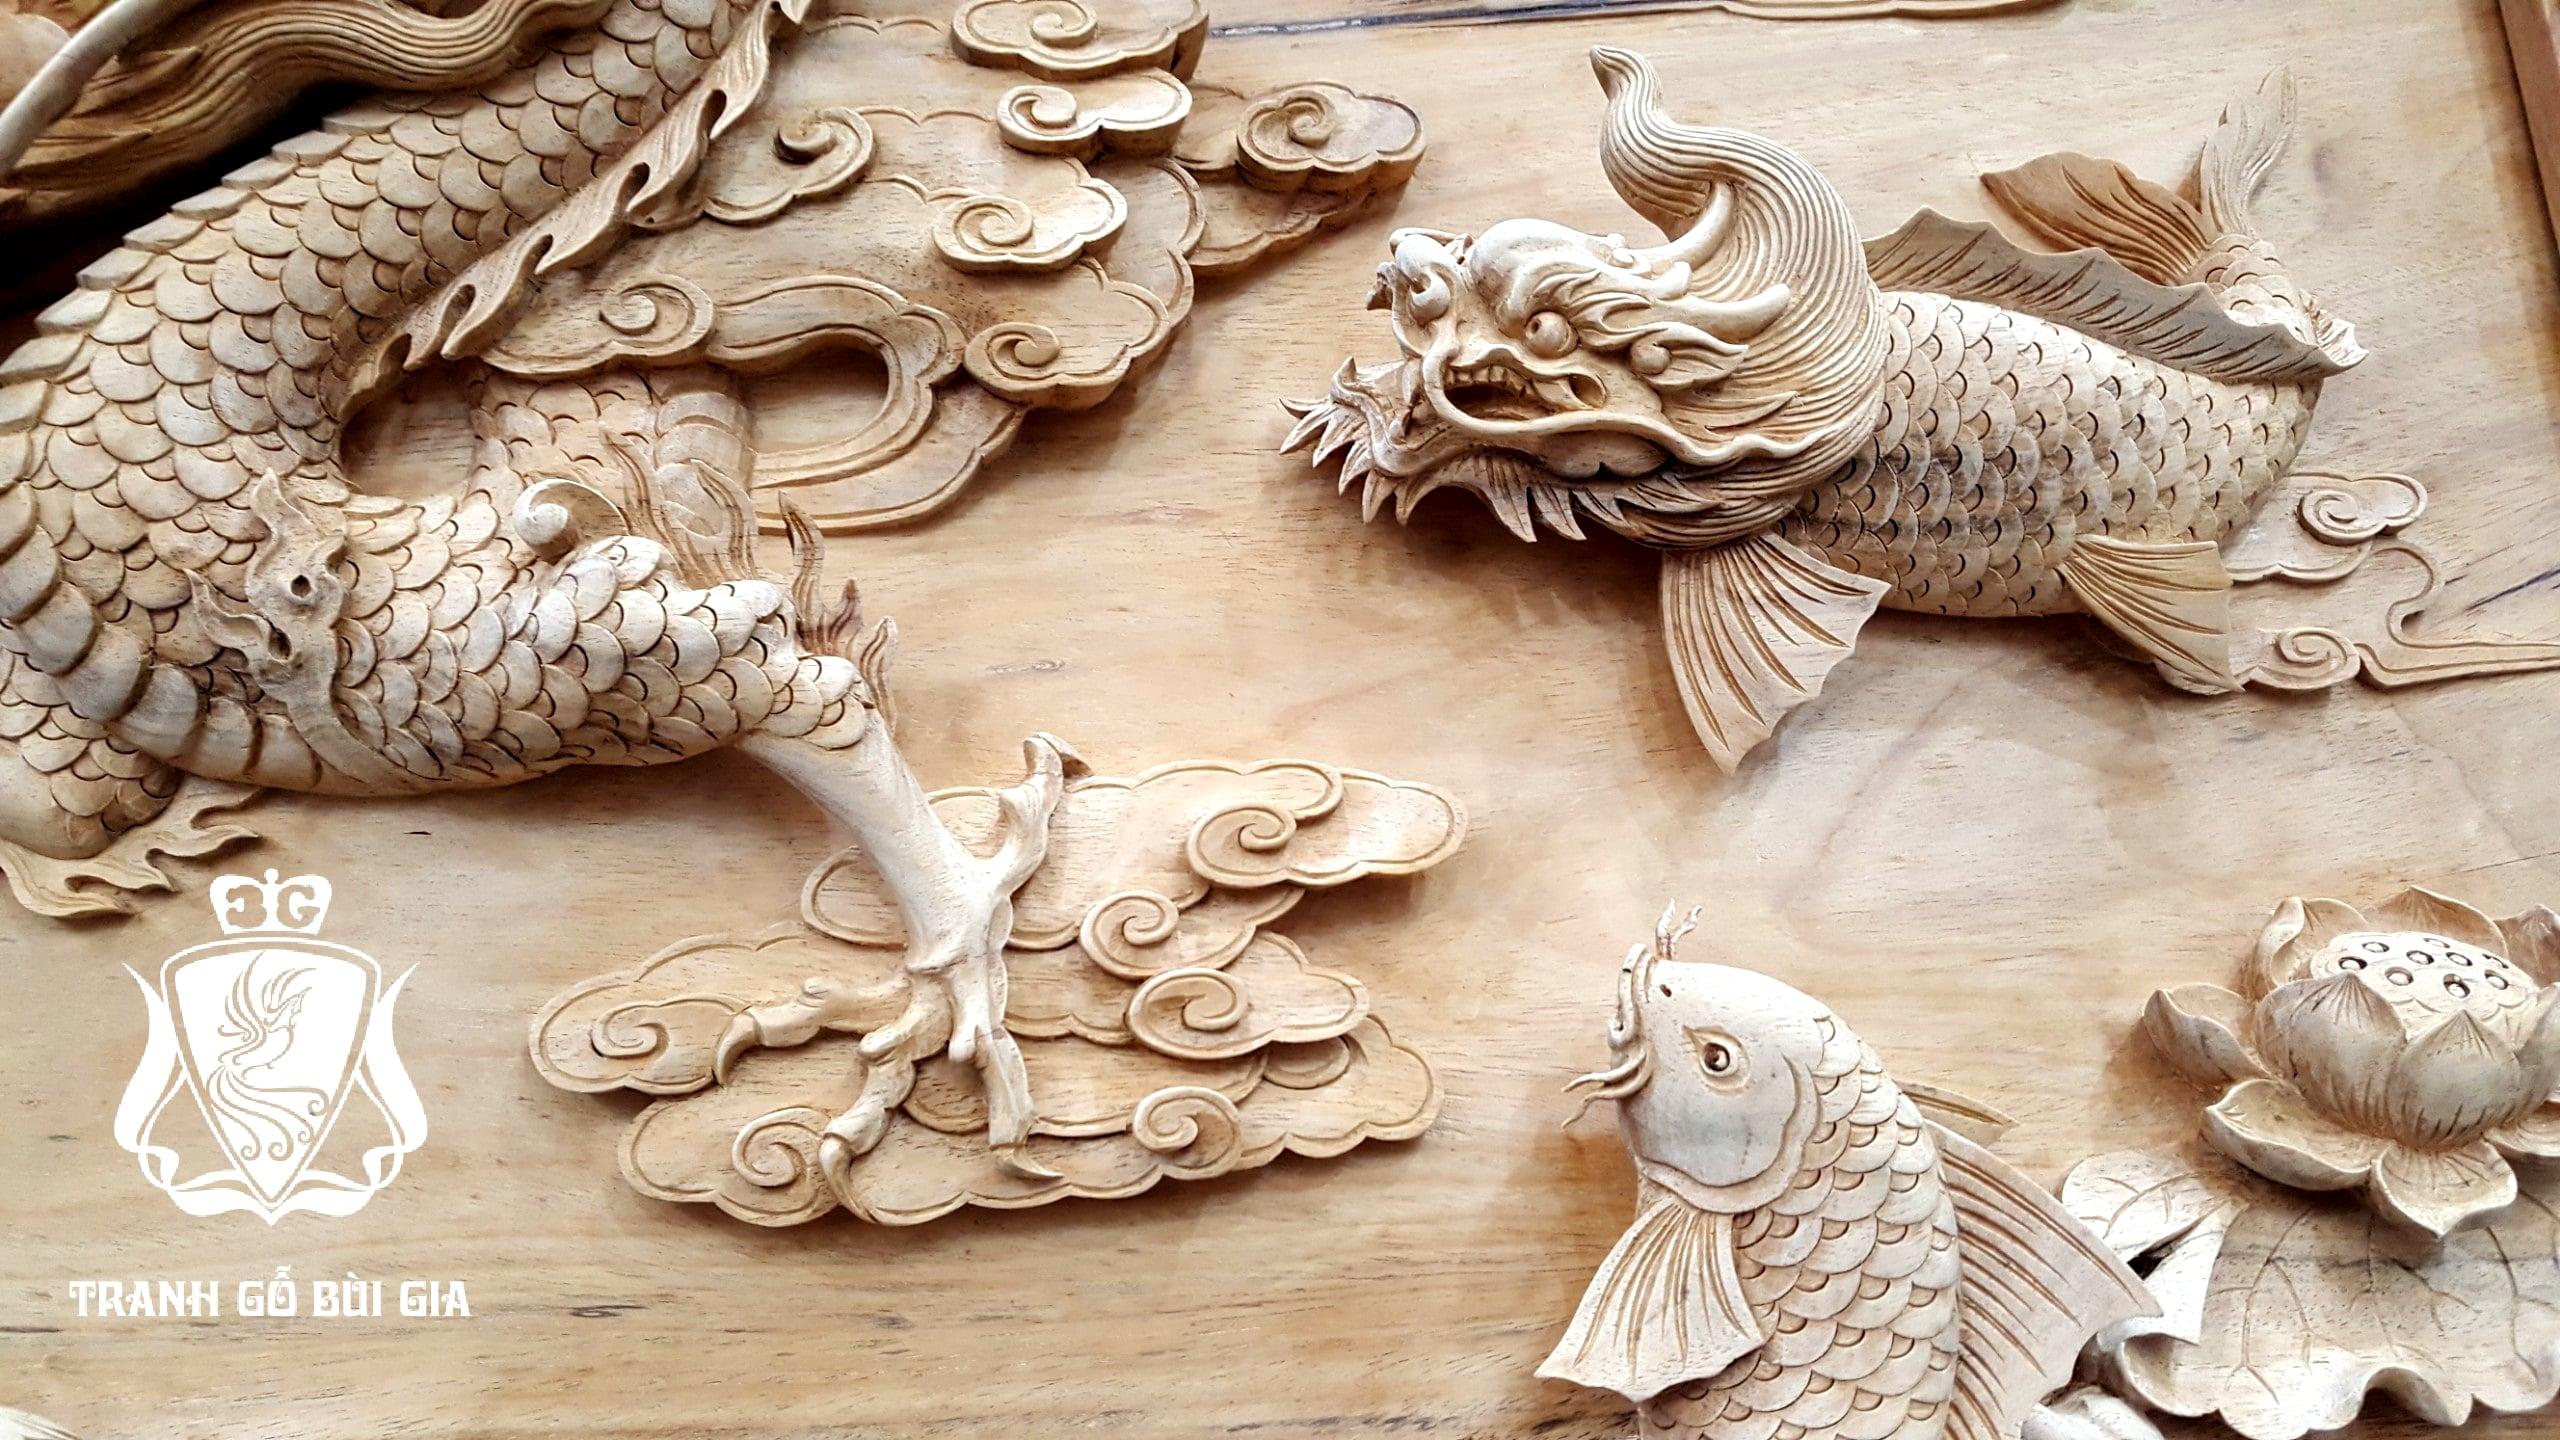 Tranh gỗ Cá Chép Hóa Rồng.